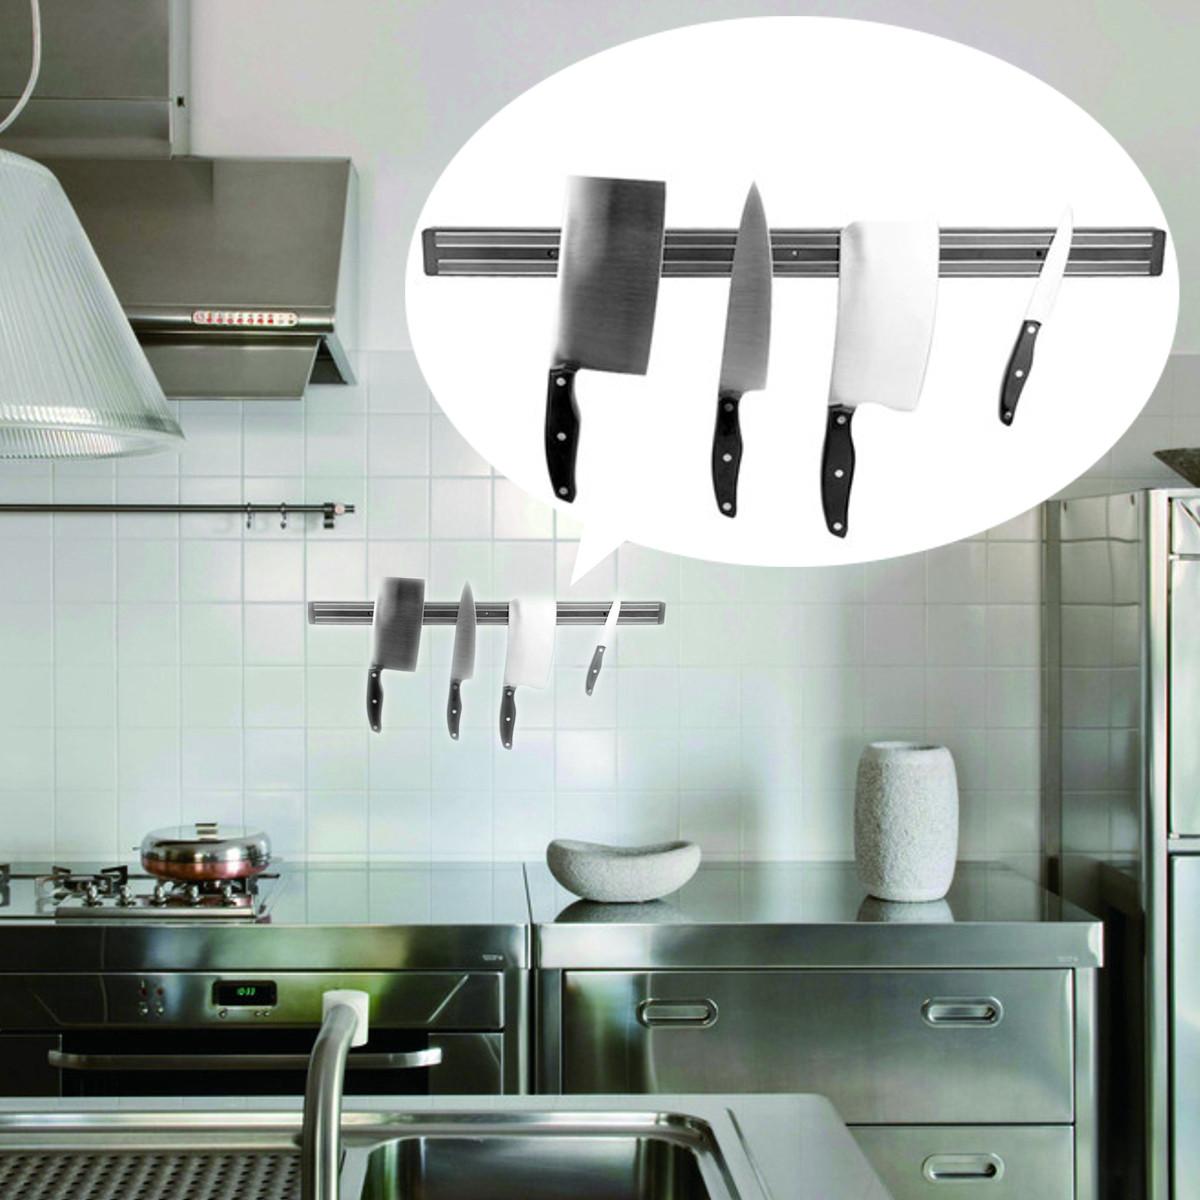 Barre magn tique porte couteaux mural support holder outil pr aimant e cuisine 550 50 16mm - Porte couteau magnetique ...